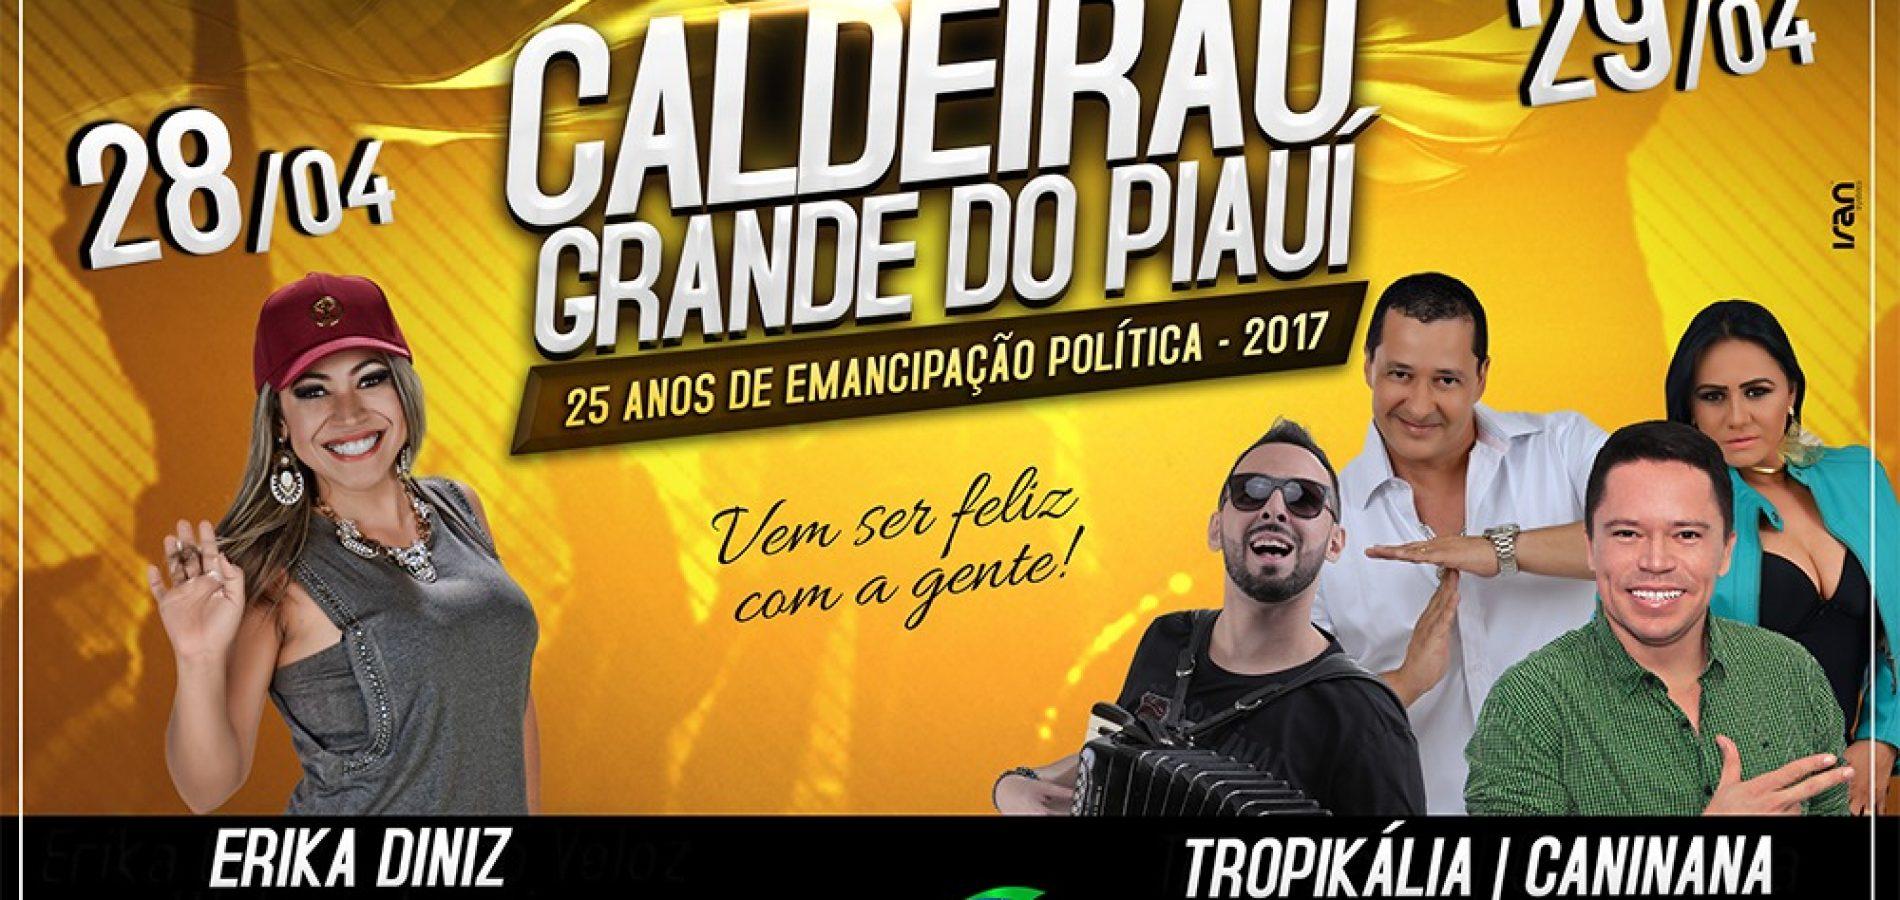 Prefeitura de Caldeirão Grande divulga programação completa do aniversário de emancipação política